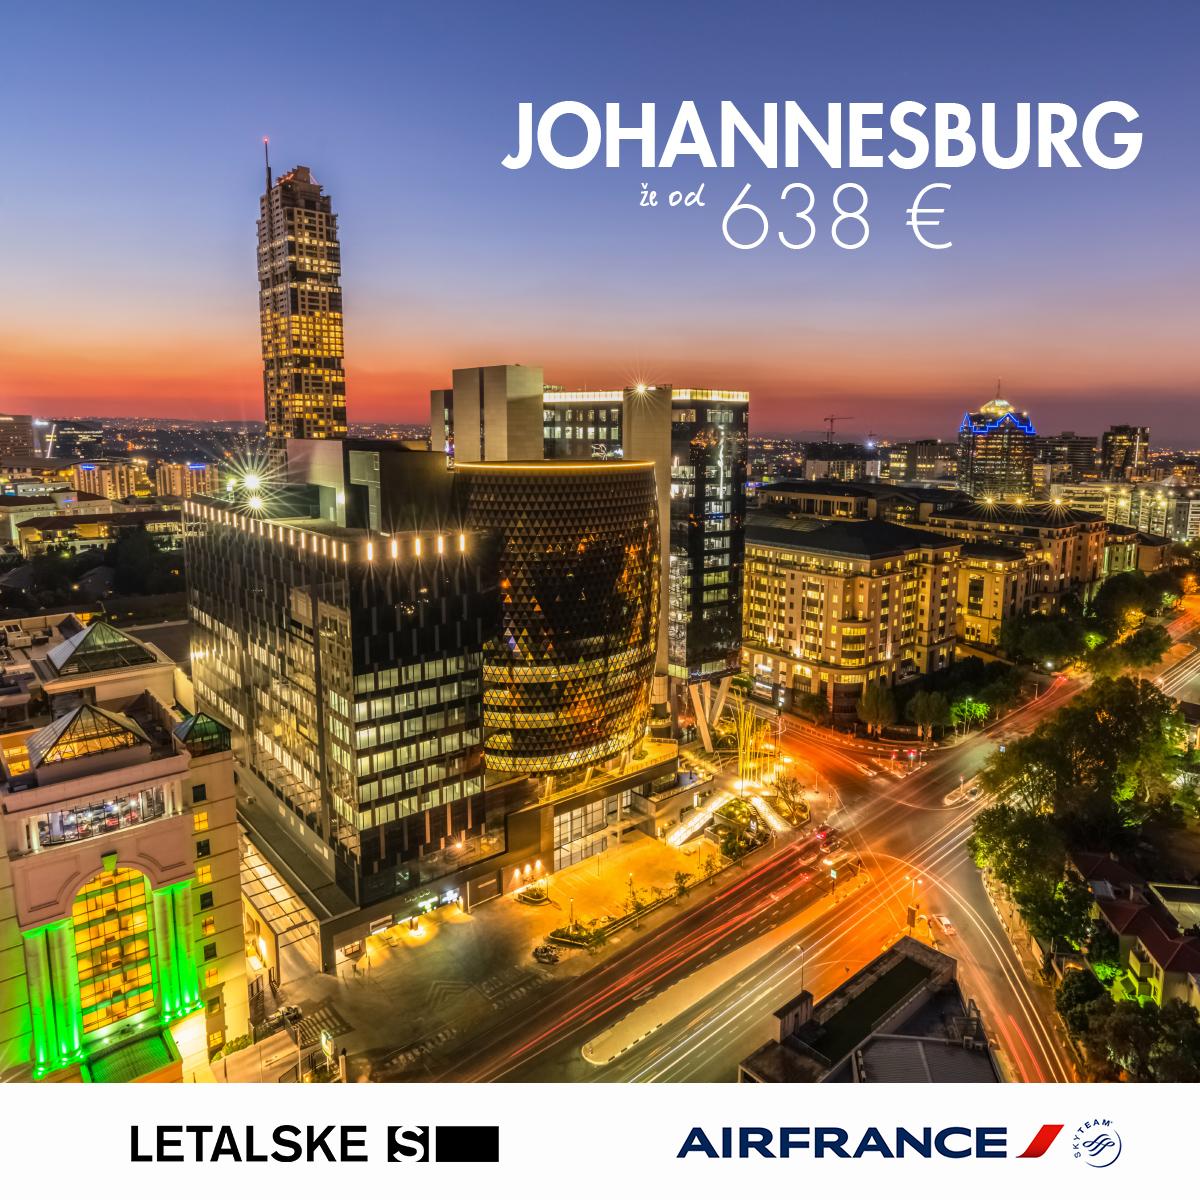 Johannesburg vizual, Johannesburg već od  kuna, Johannesburg  jeftine avio karte, putovanje za Johannesburg